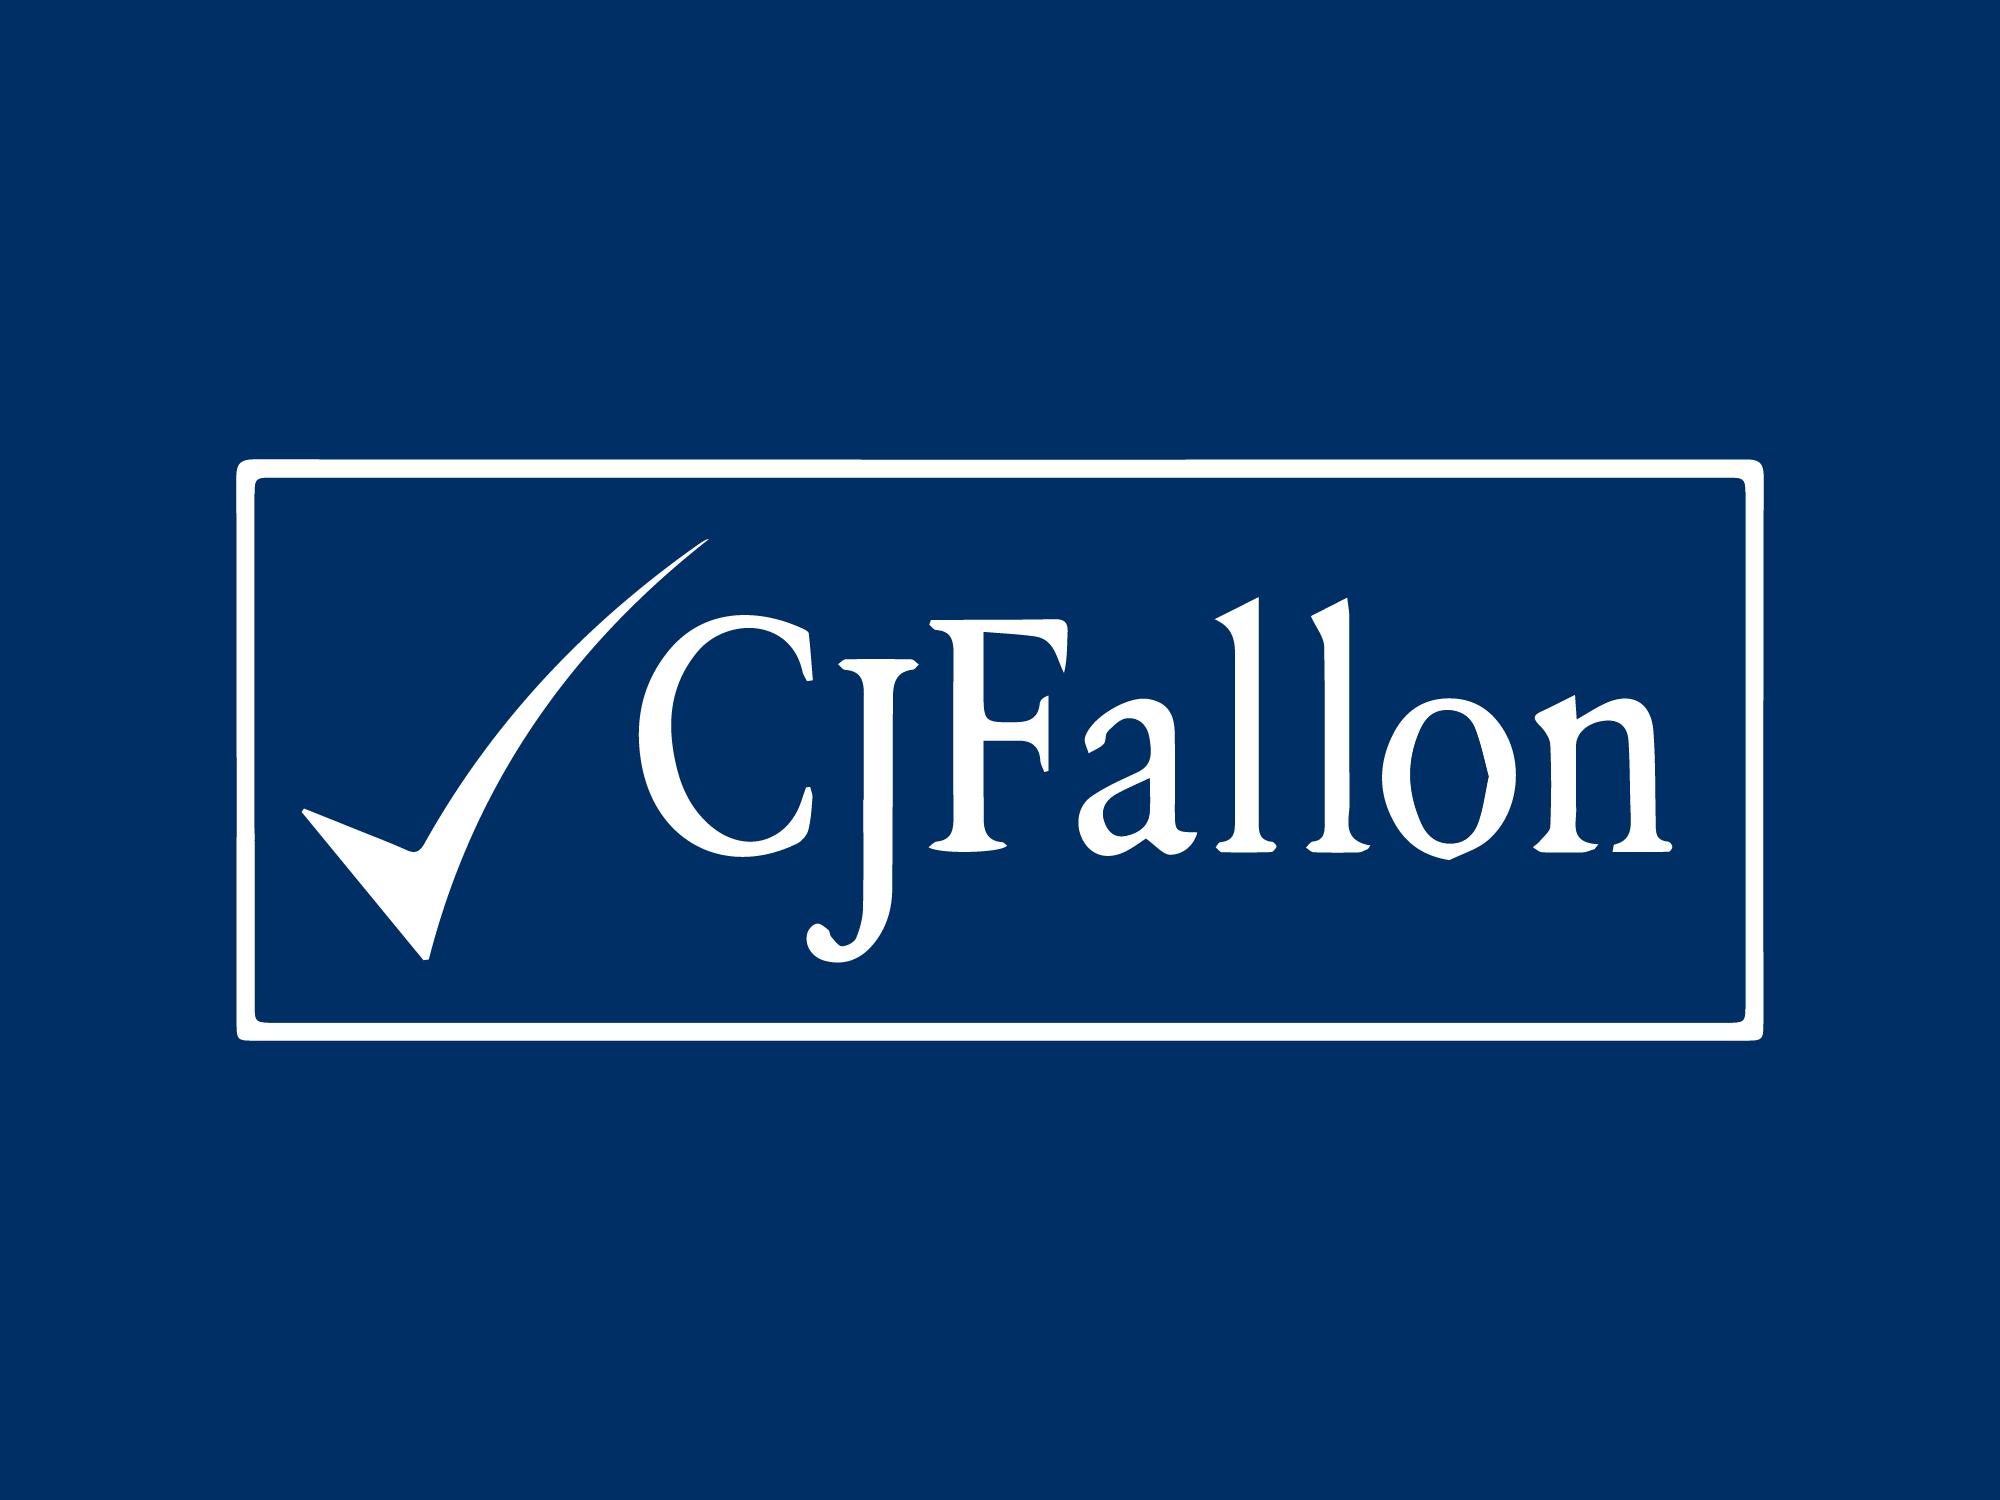 CJ Fallon - Advised the bank on the sale of CJ Fallon